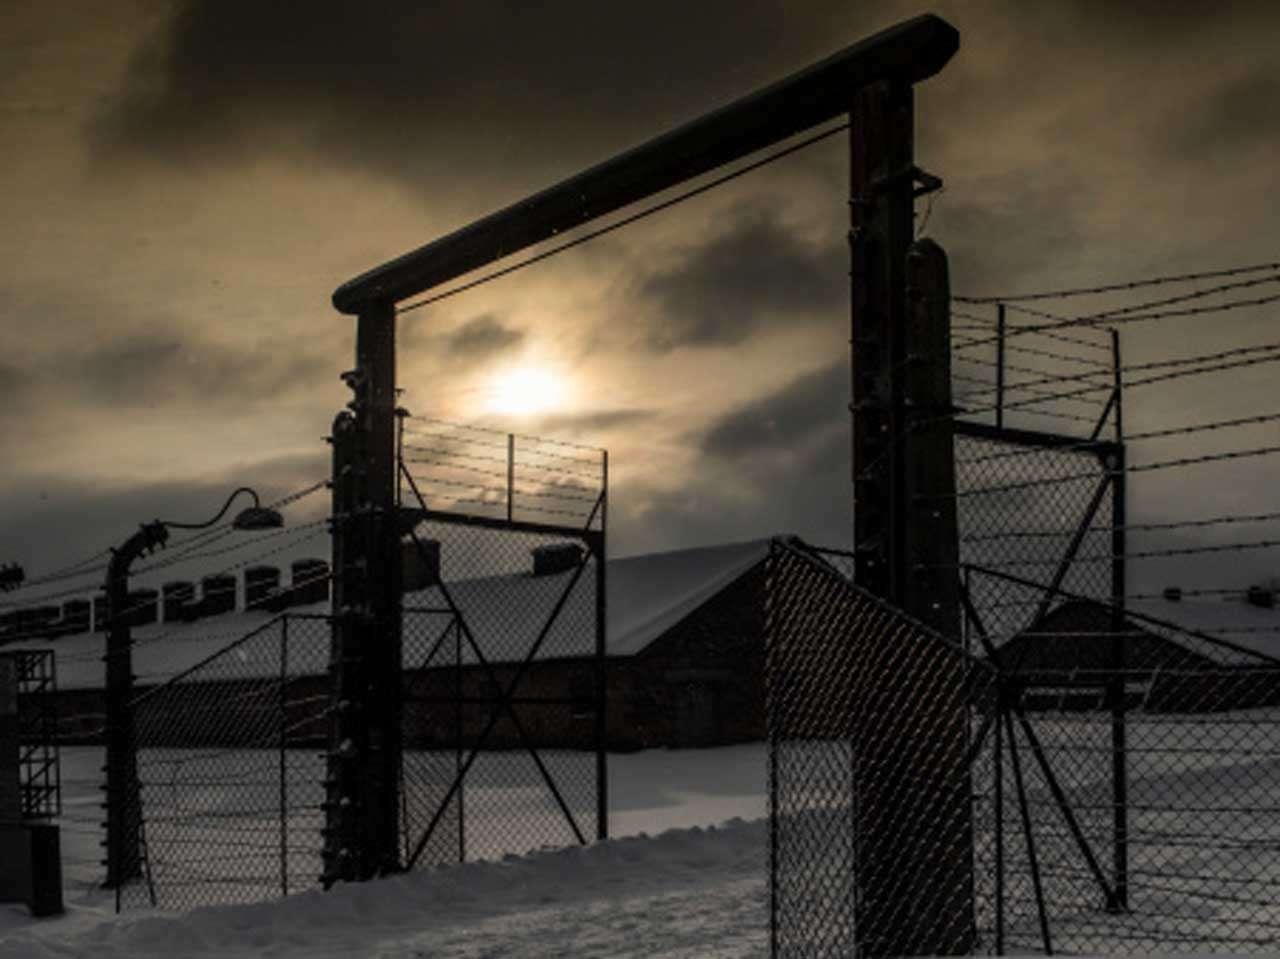 Campo de concentración de Auschwitz-Birkenau. Foto: Getty Images